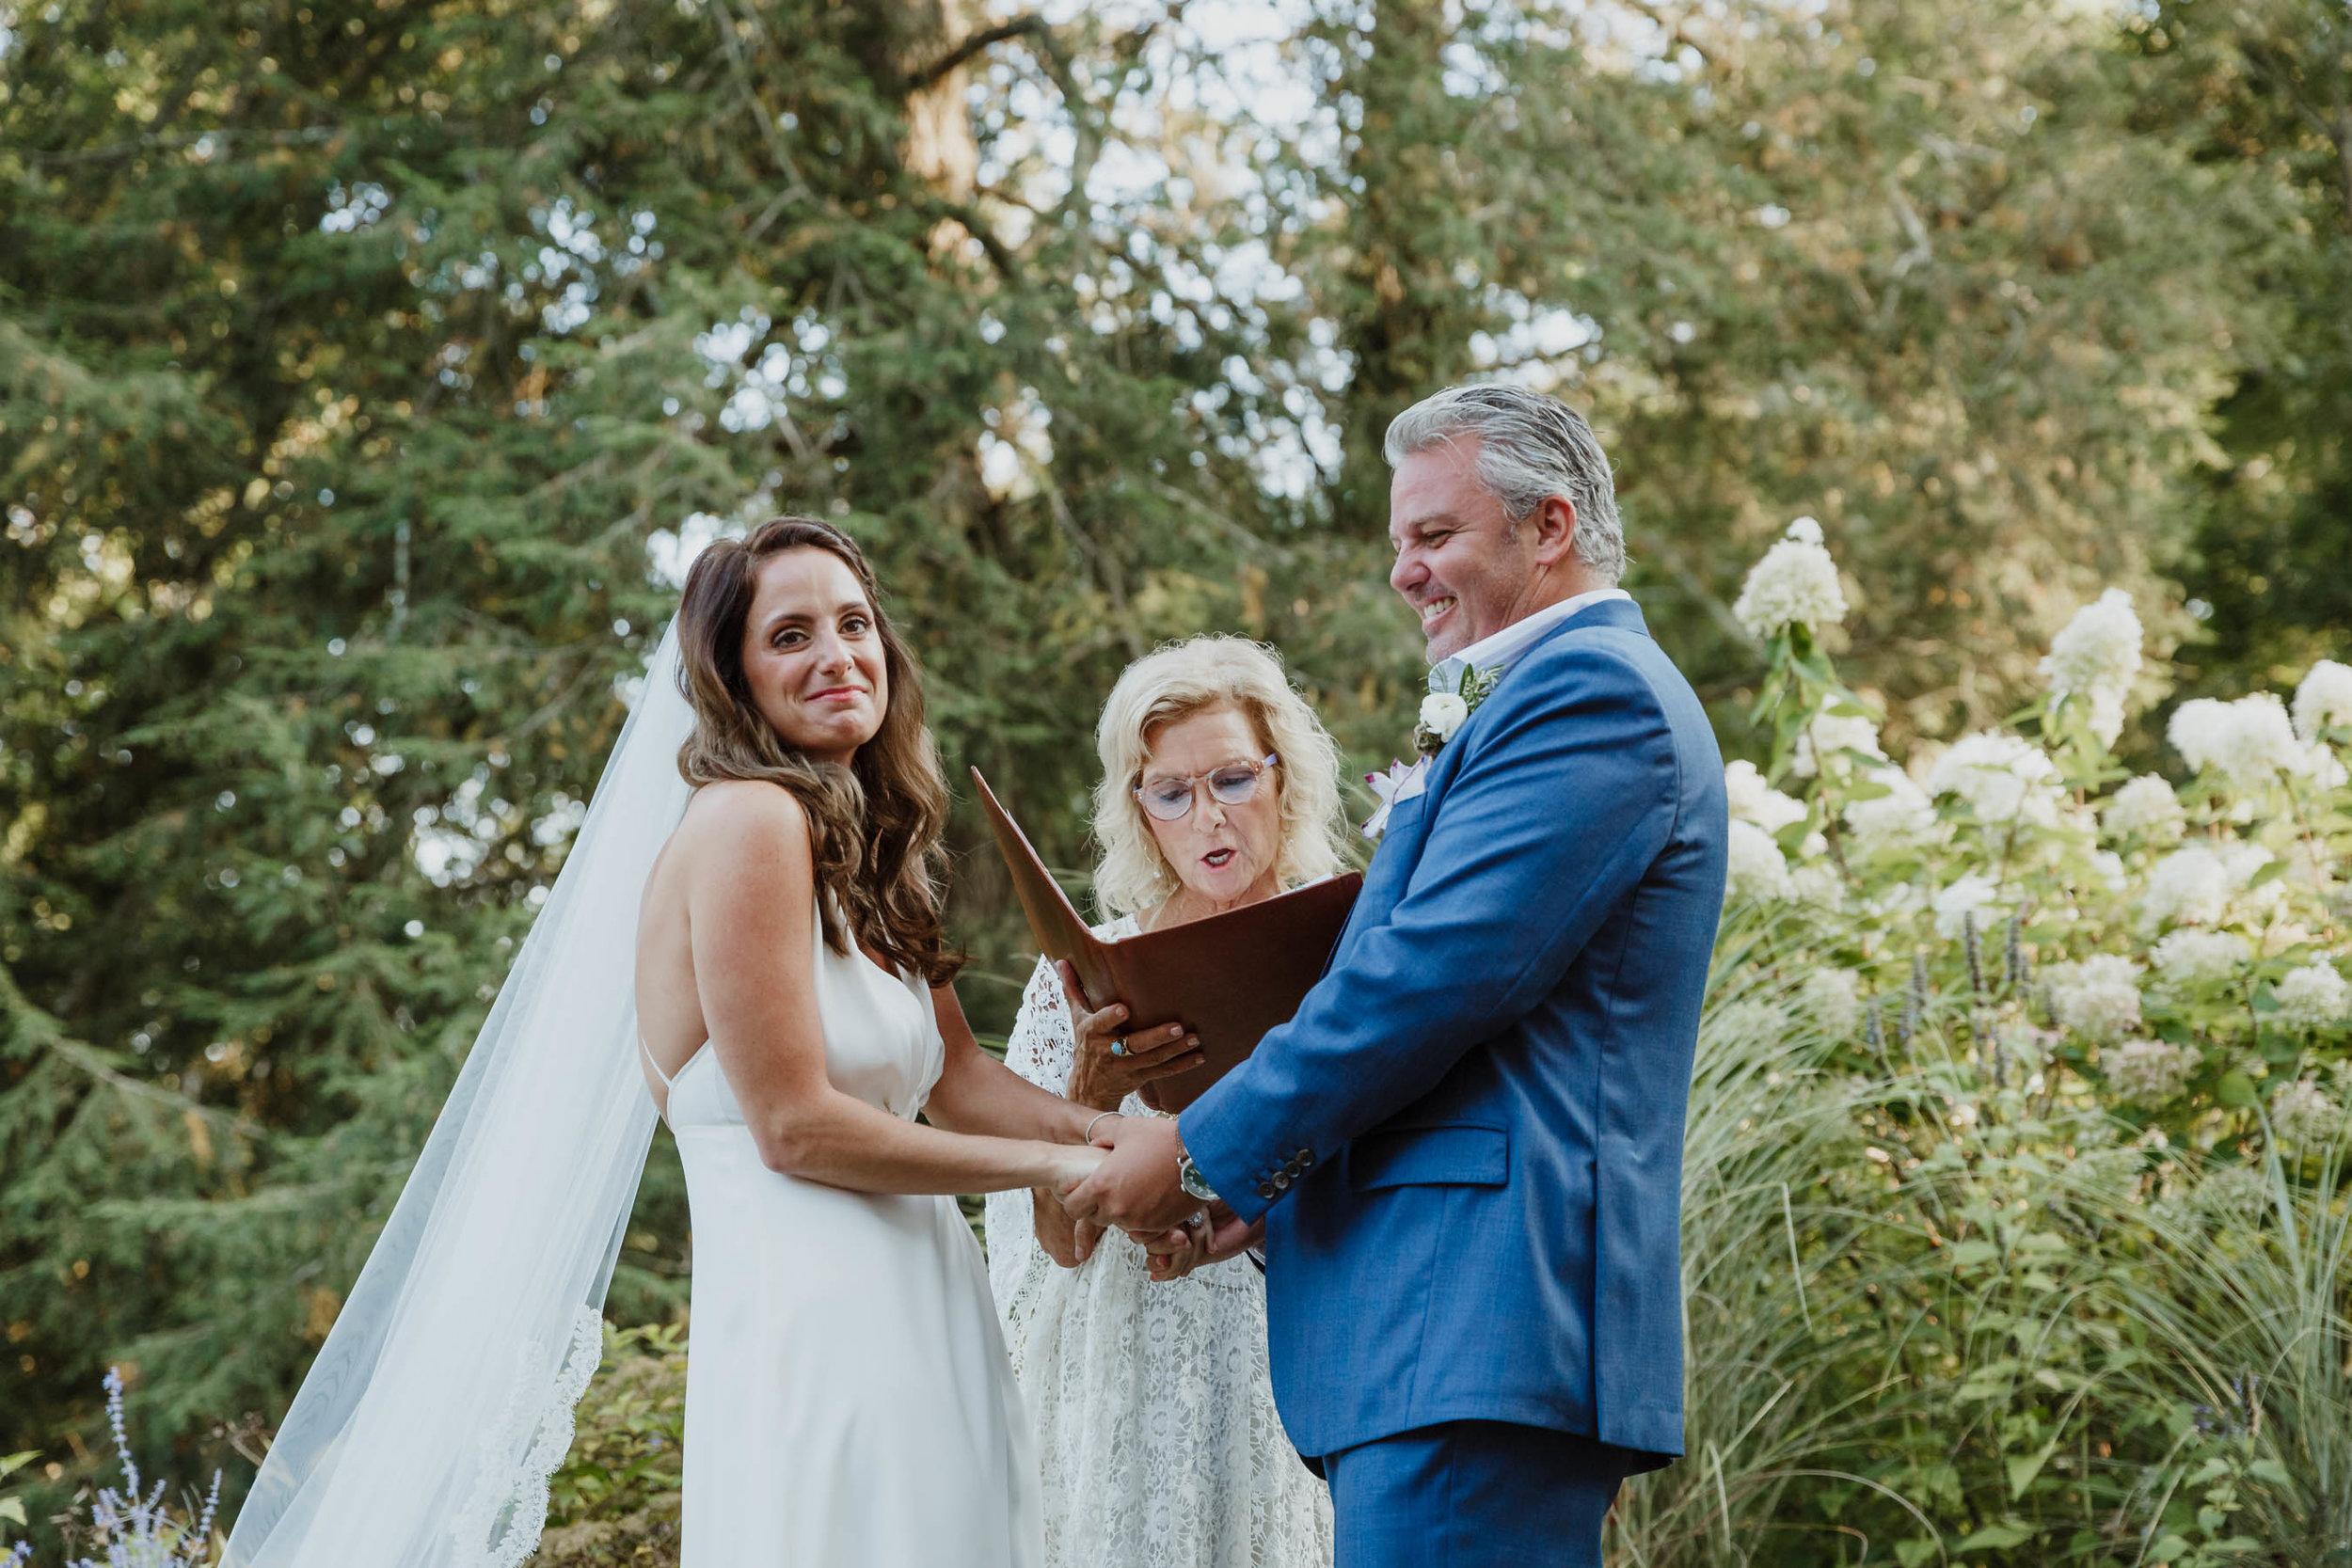 fairfield-county-connecticut-backyard-wedding-photographer--54.jpg